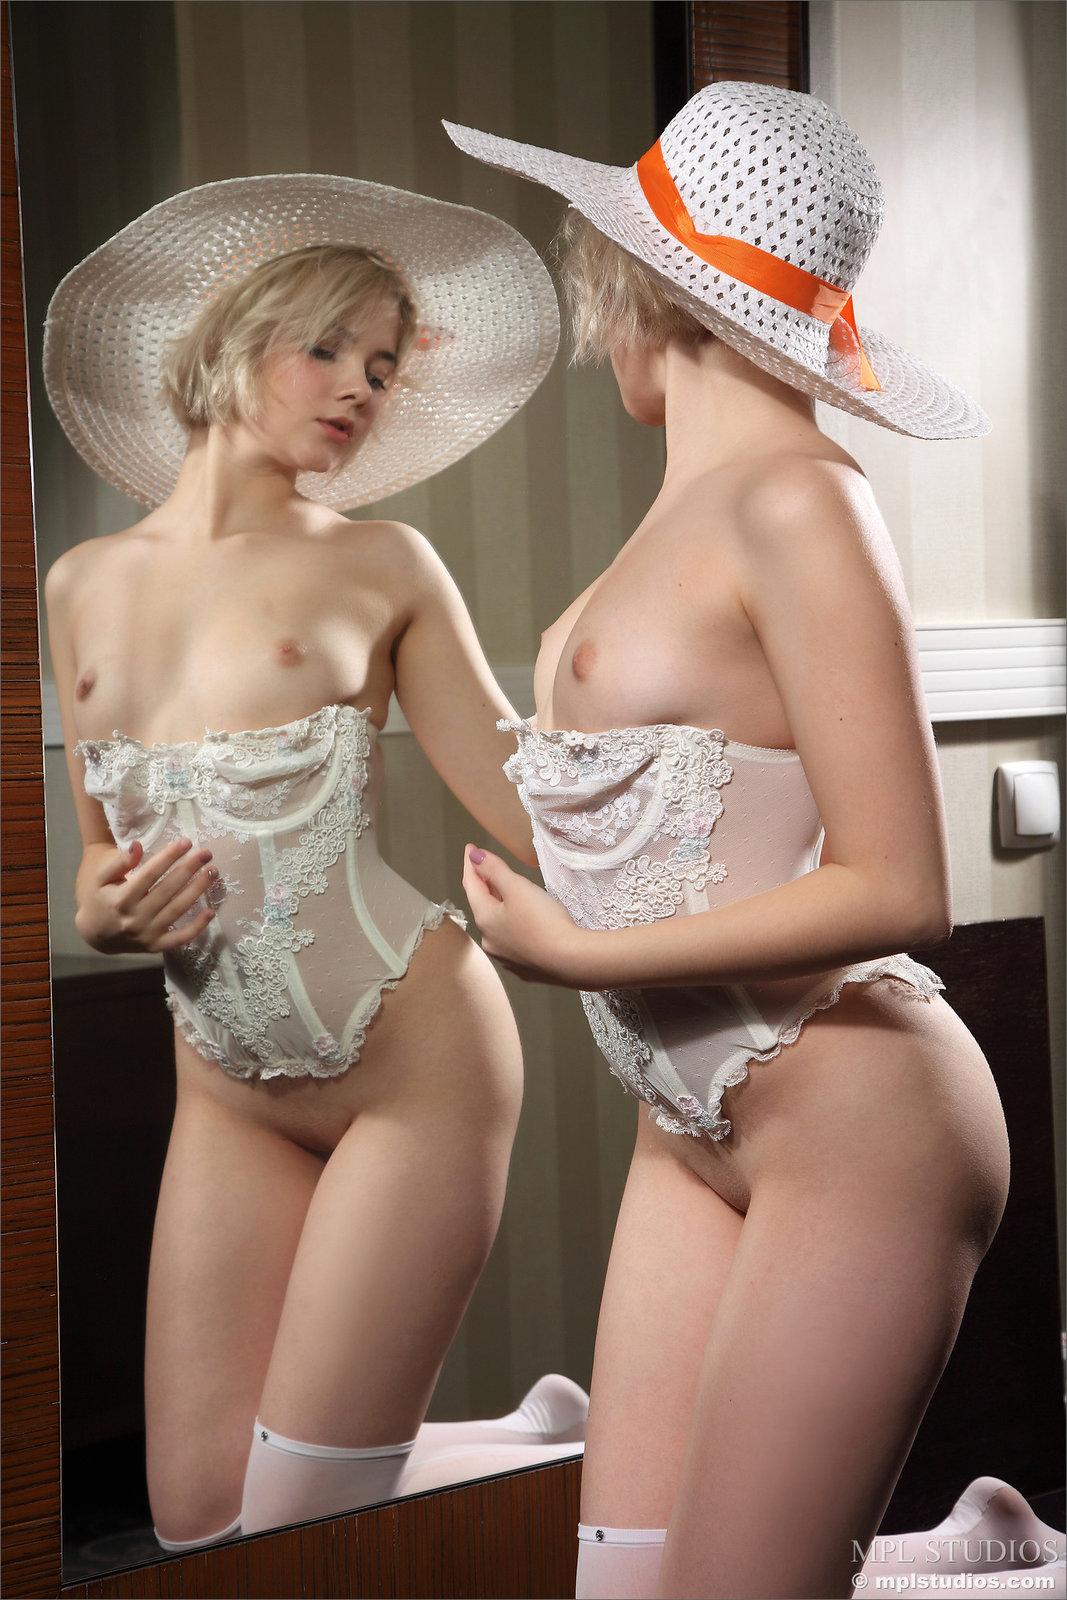 Zdjęcie porno - 1121 - Mała suczka przed lustrem